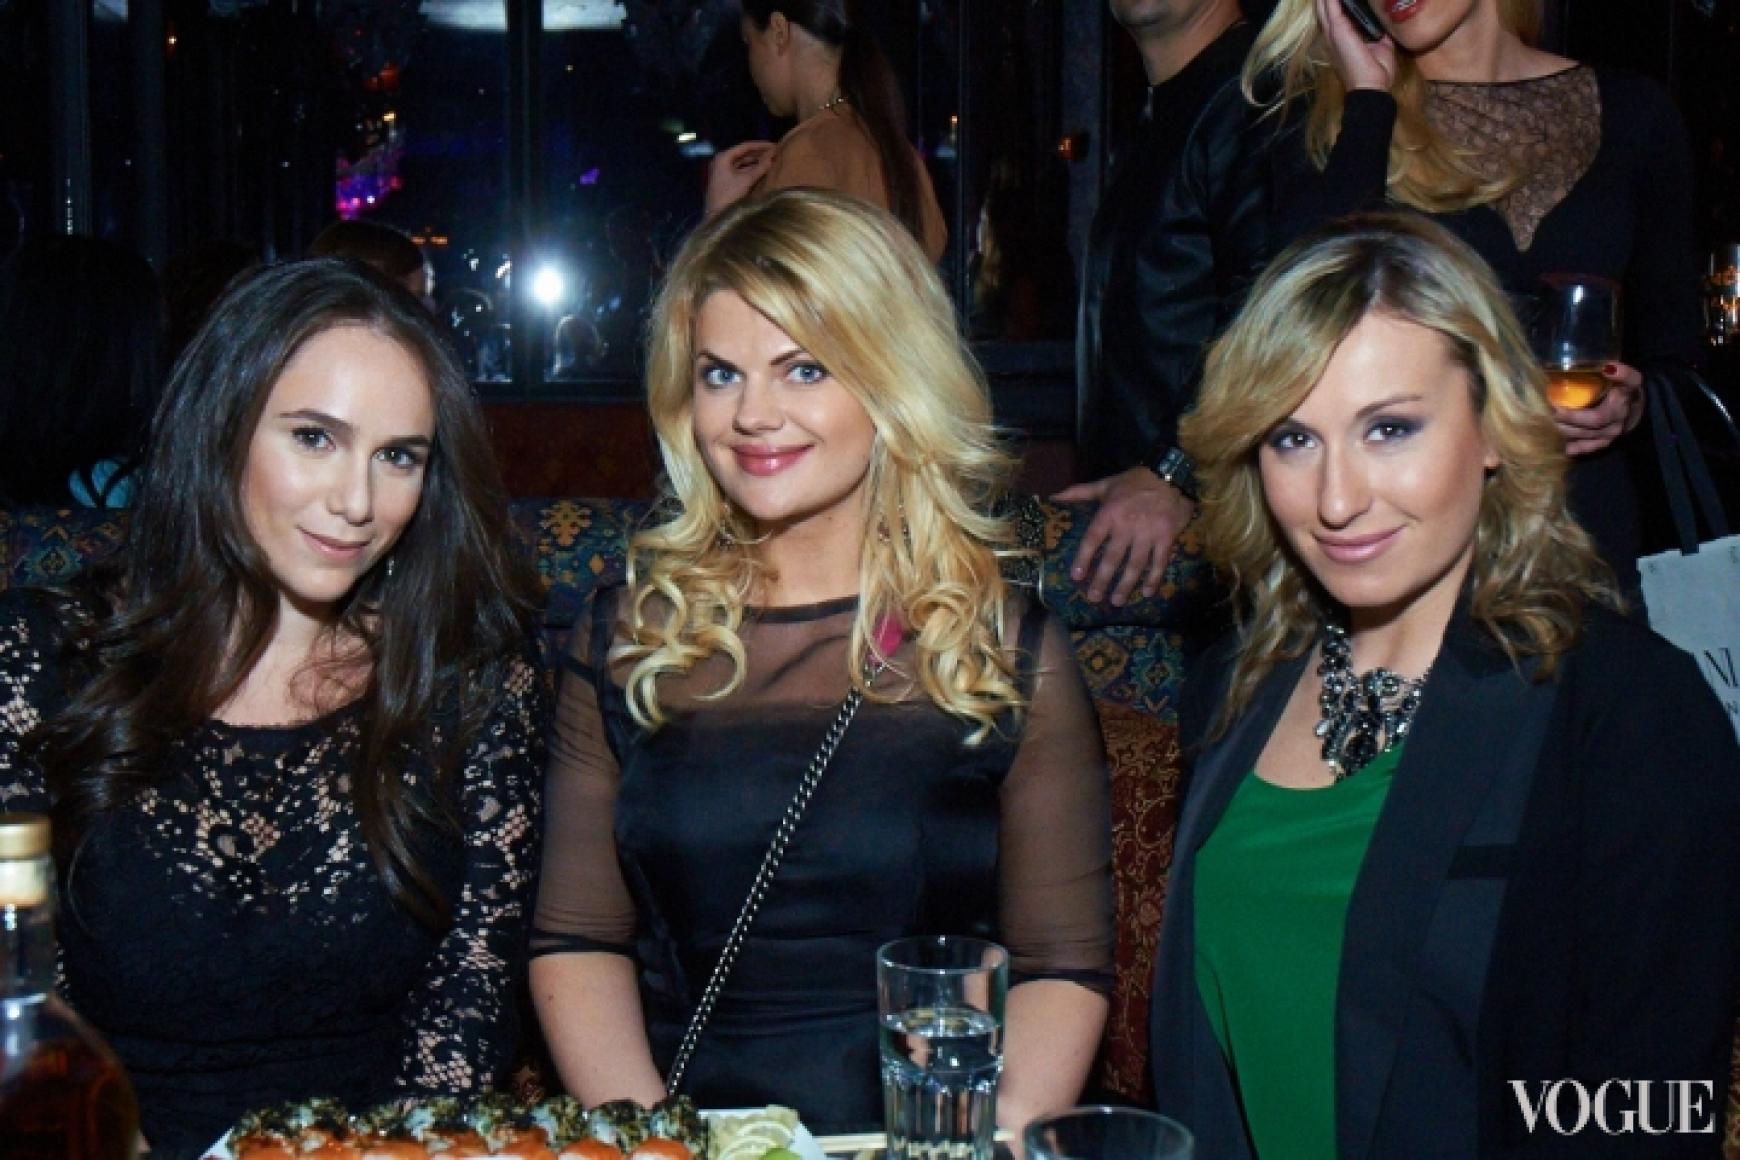 Катерина Вербер, Светлана Кузьменко, Марина Суркис